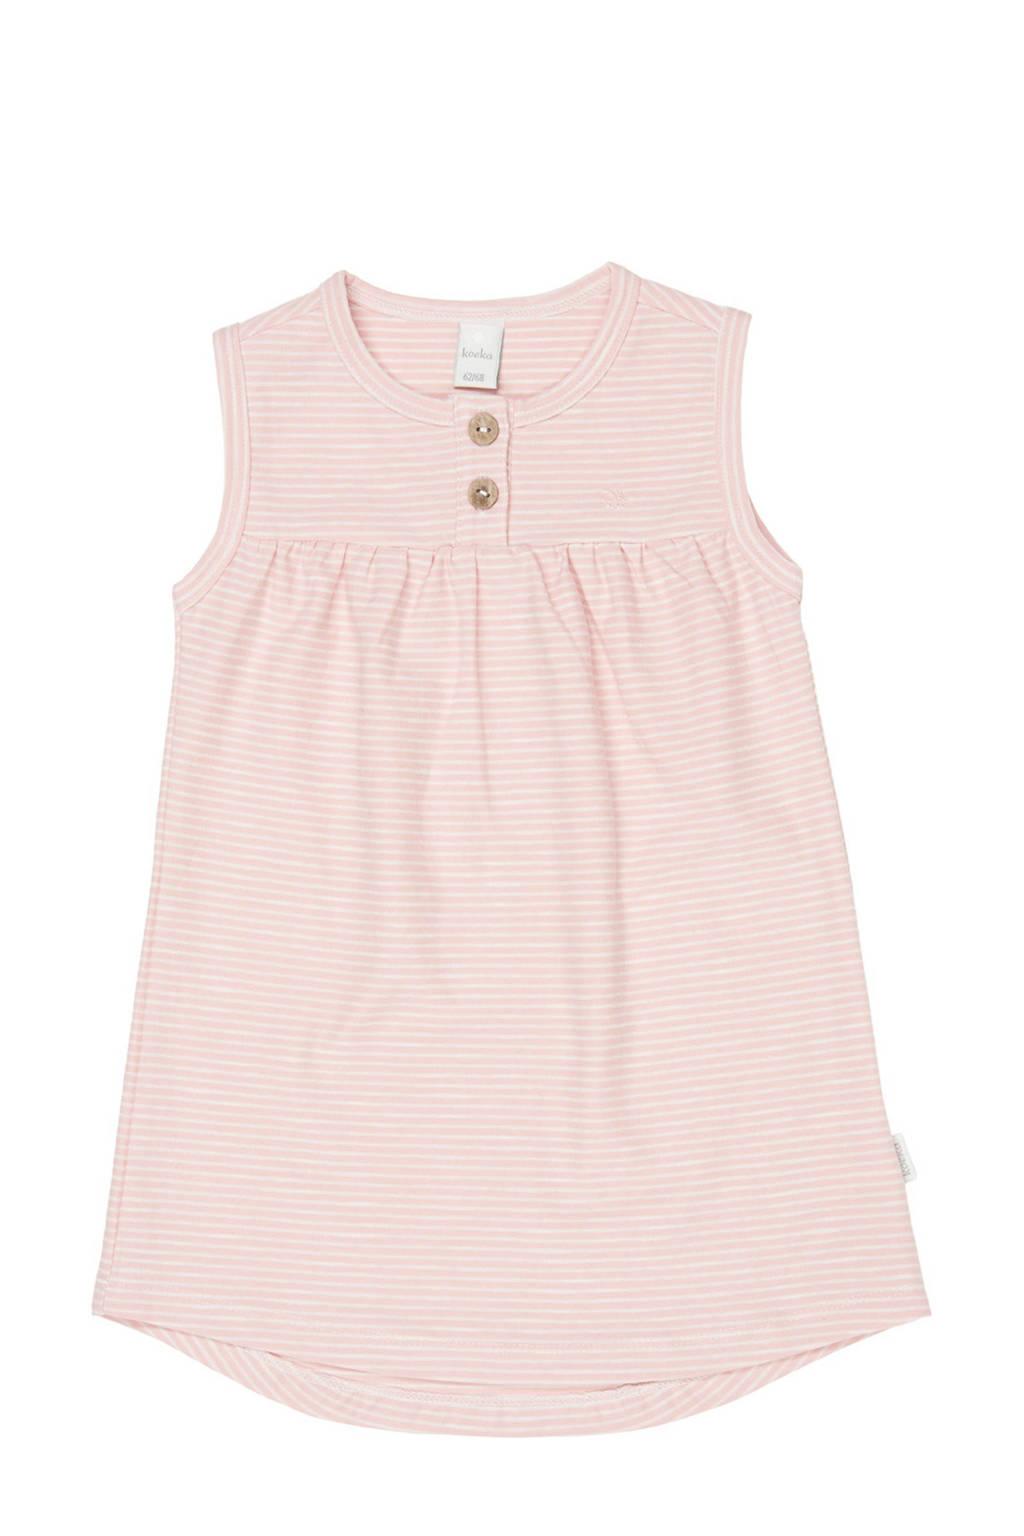 Koeka newborn baby gestreepte jurk Linescape roze, Roze/wit